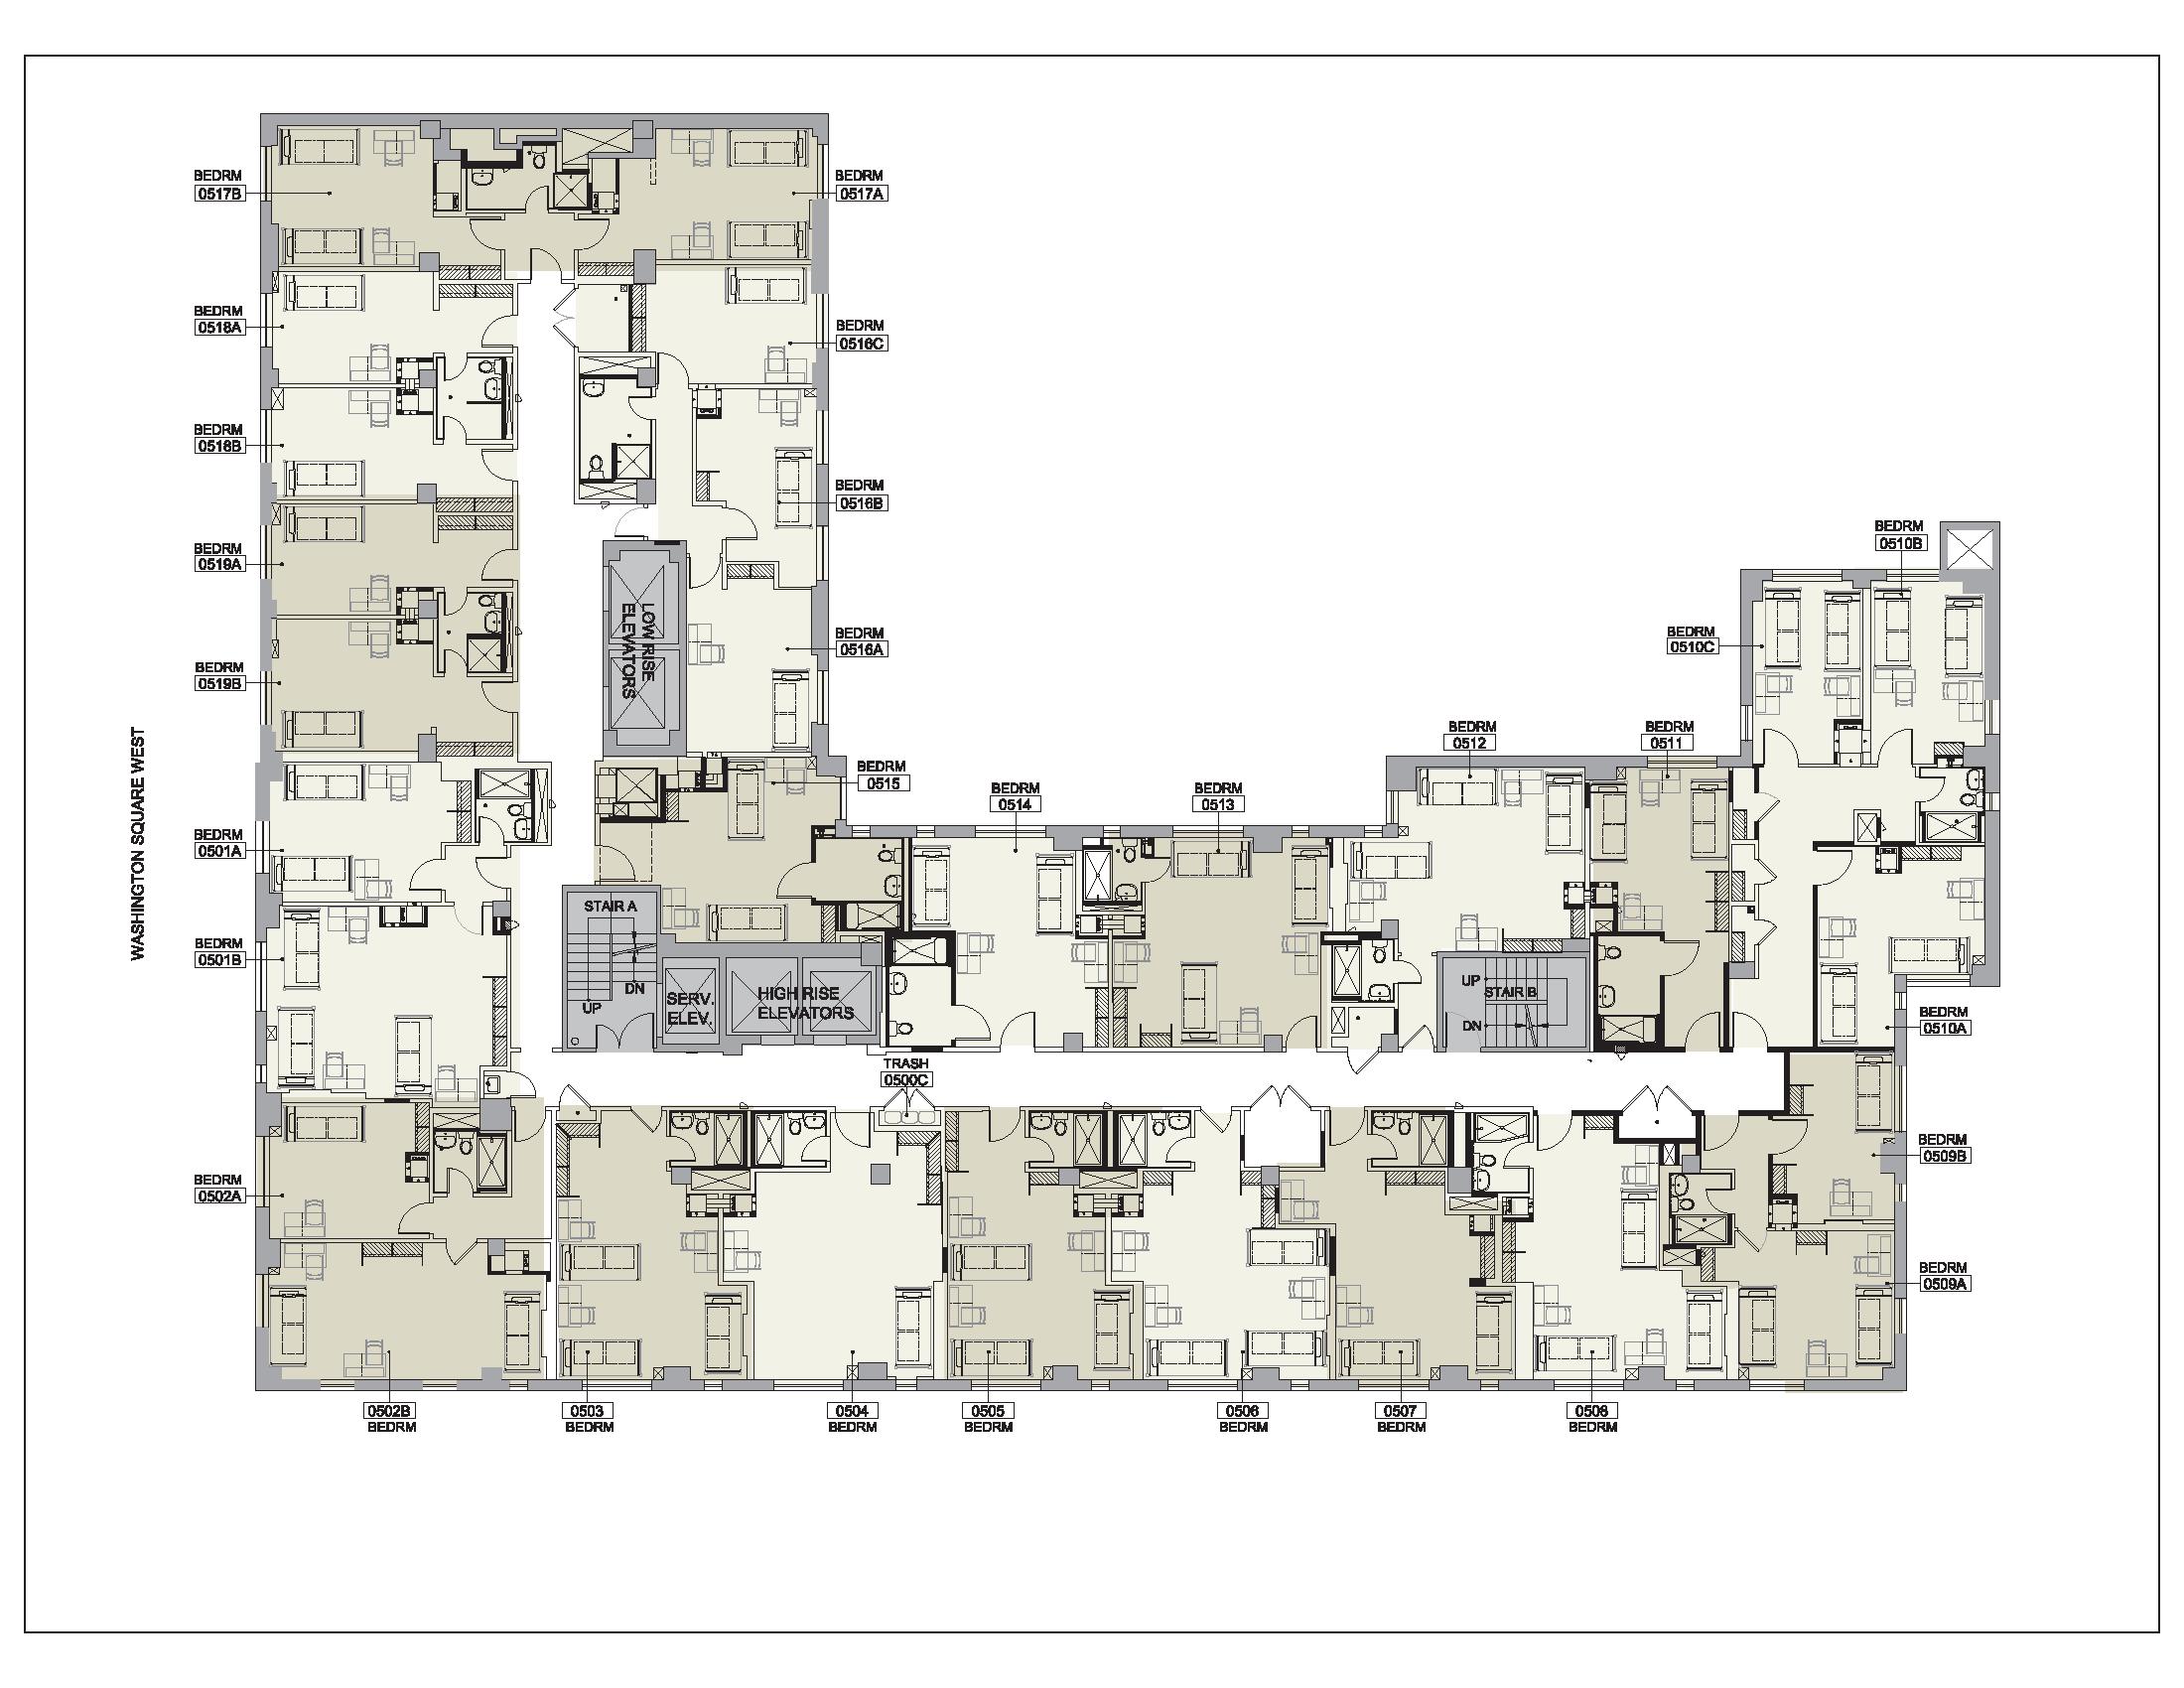 Floor plan for Lipton Floor 05